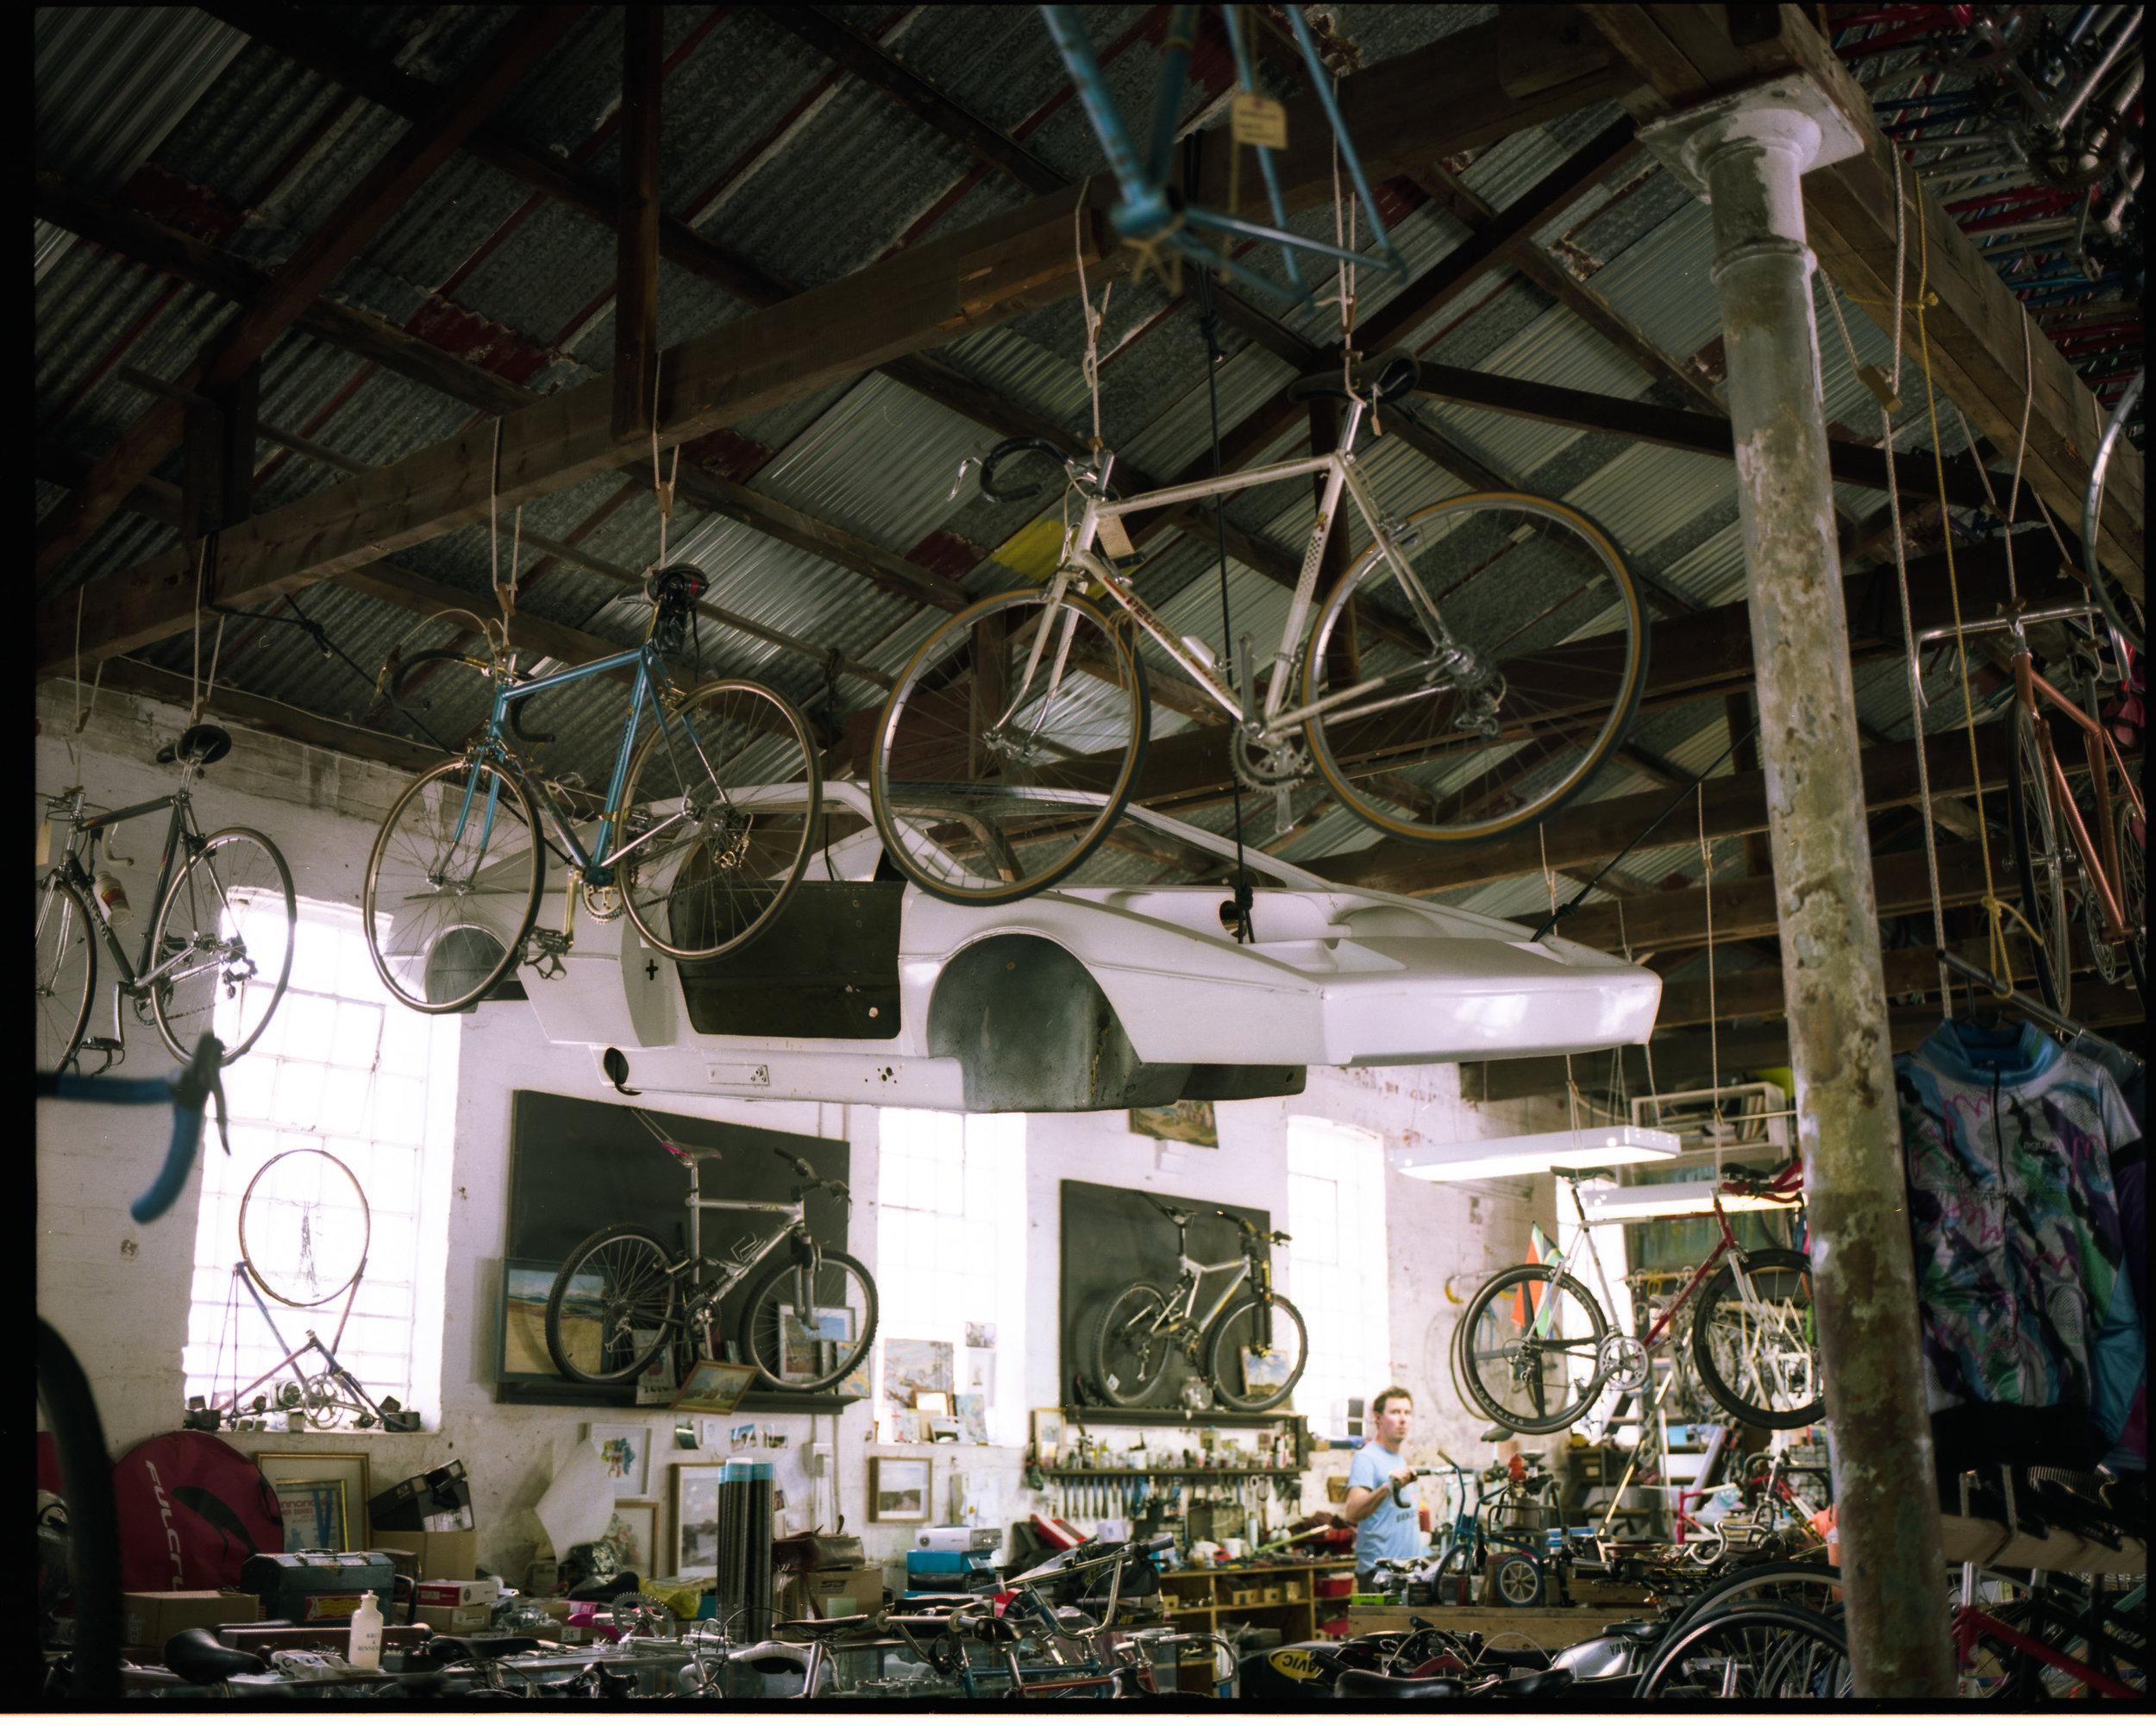 cycleworks010.jpg